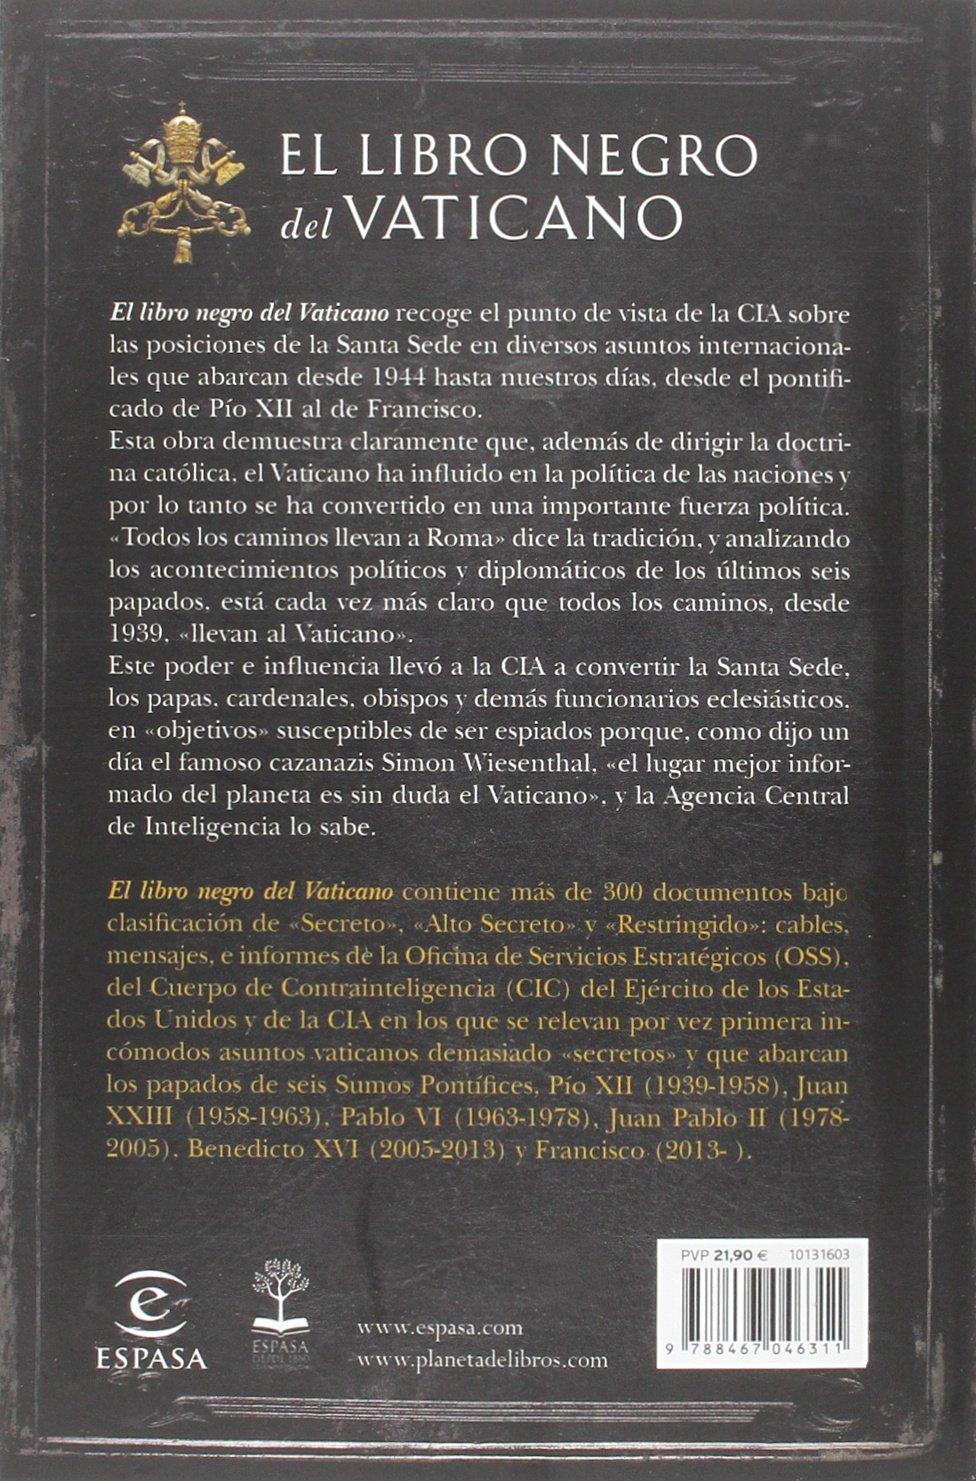 El Libro Negro Del Vaticano Las Oscuras Relaciones Entre La Cia Y La Santa Sede Fuera De Colección Amazon Es Frattini Eric Libros